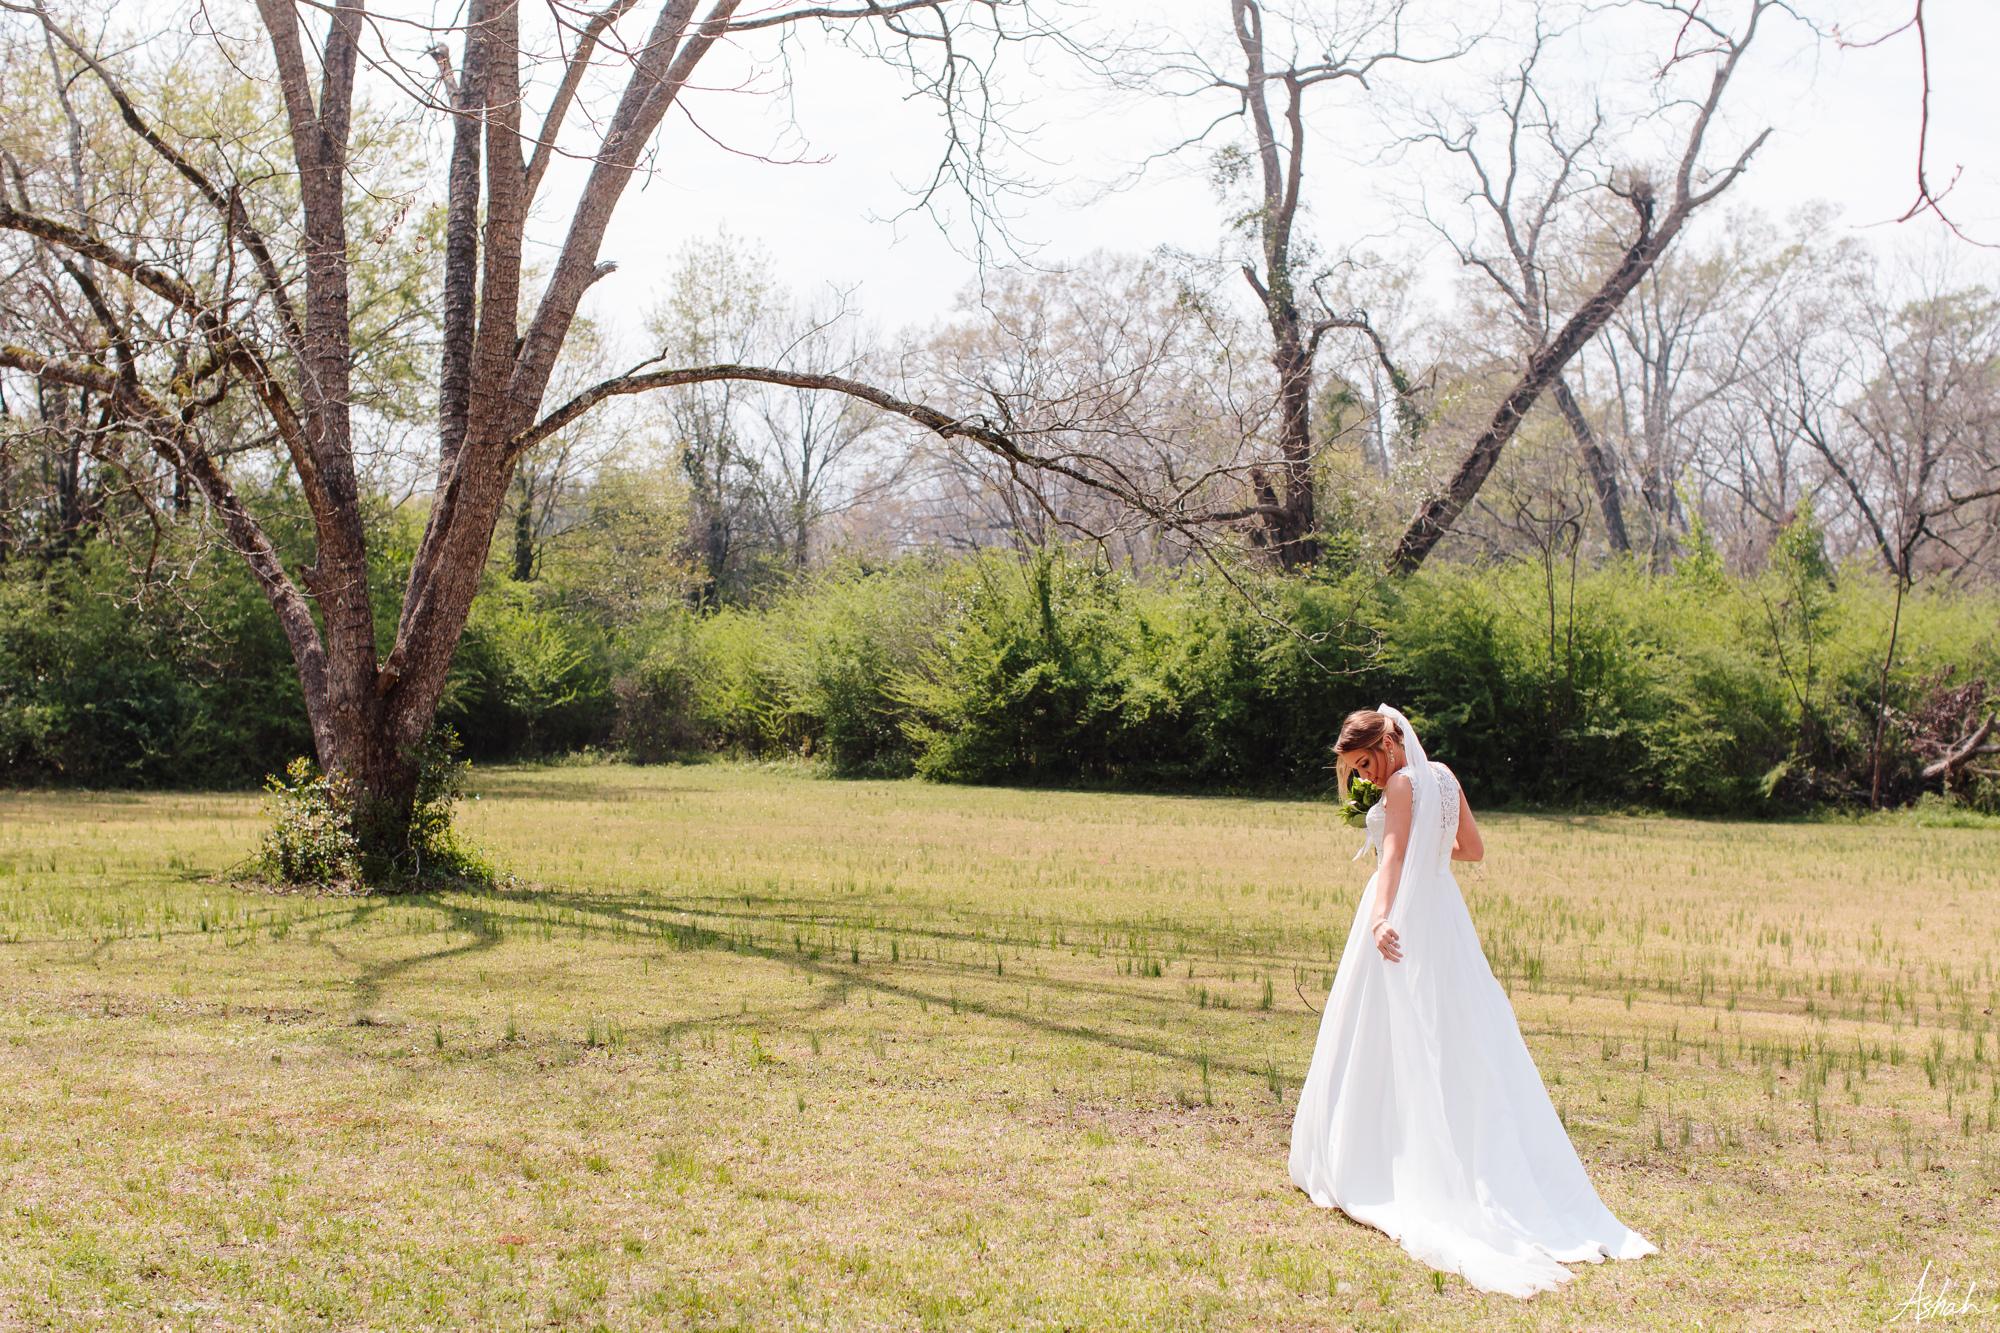 bridegroom033.jpg